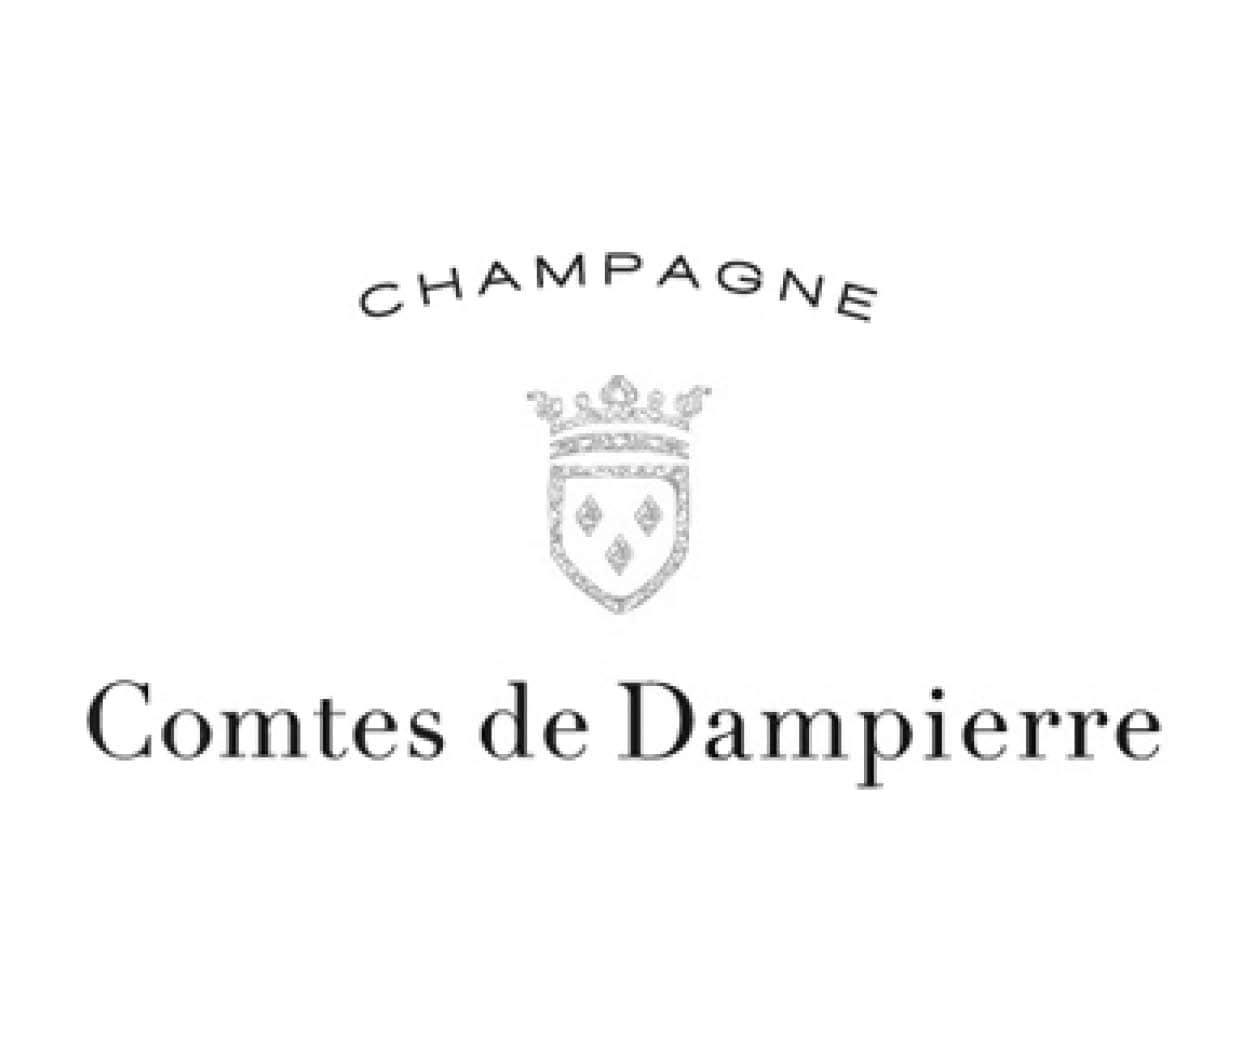 Champagne Comtes de Dampierre